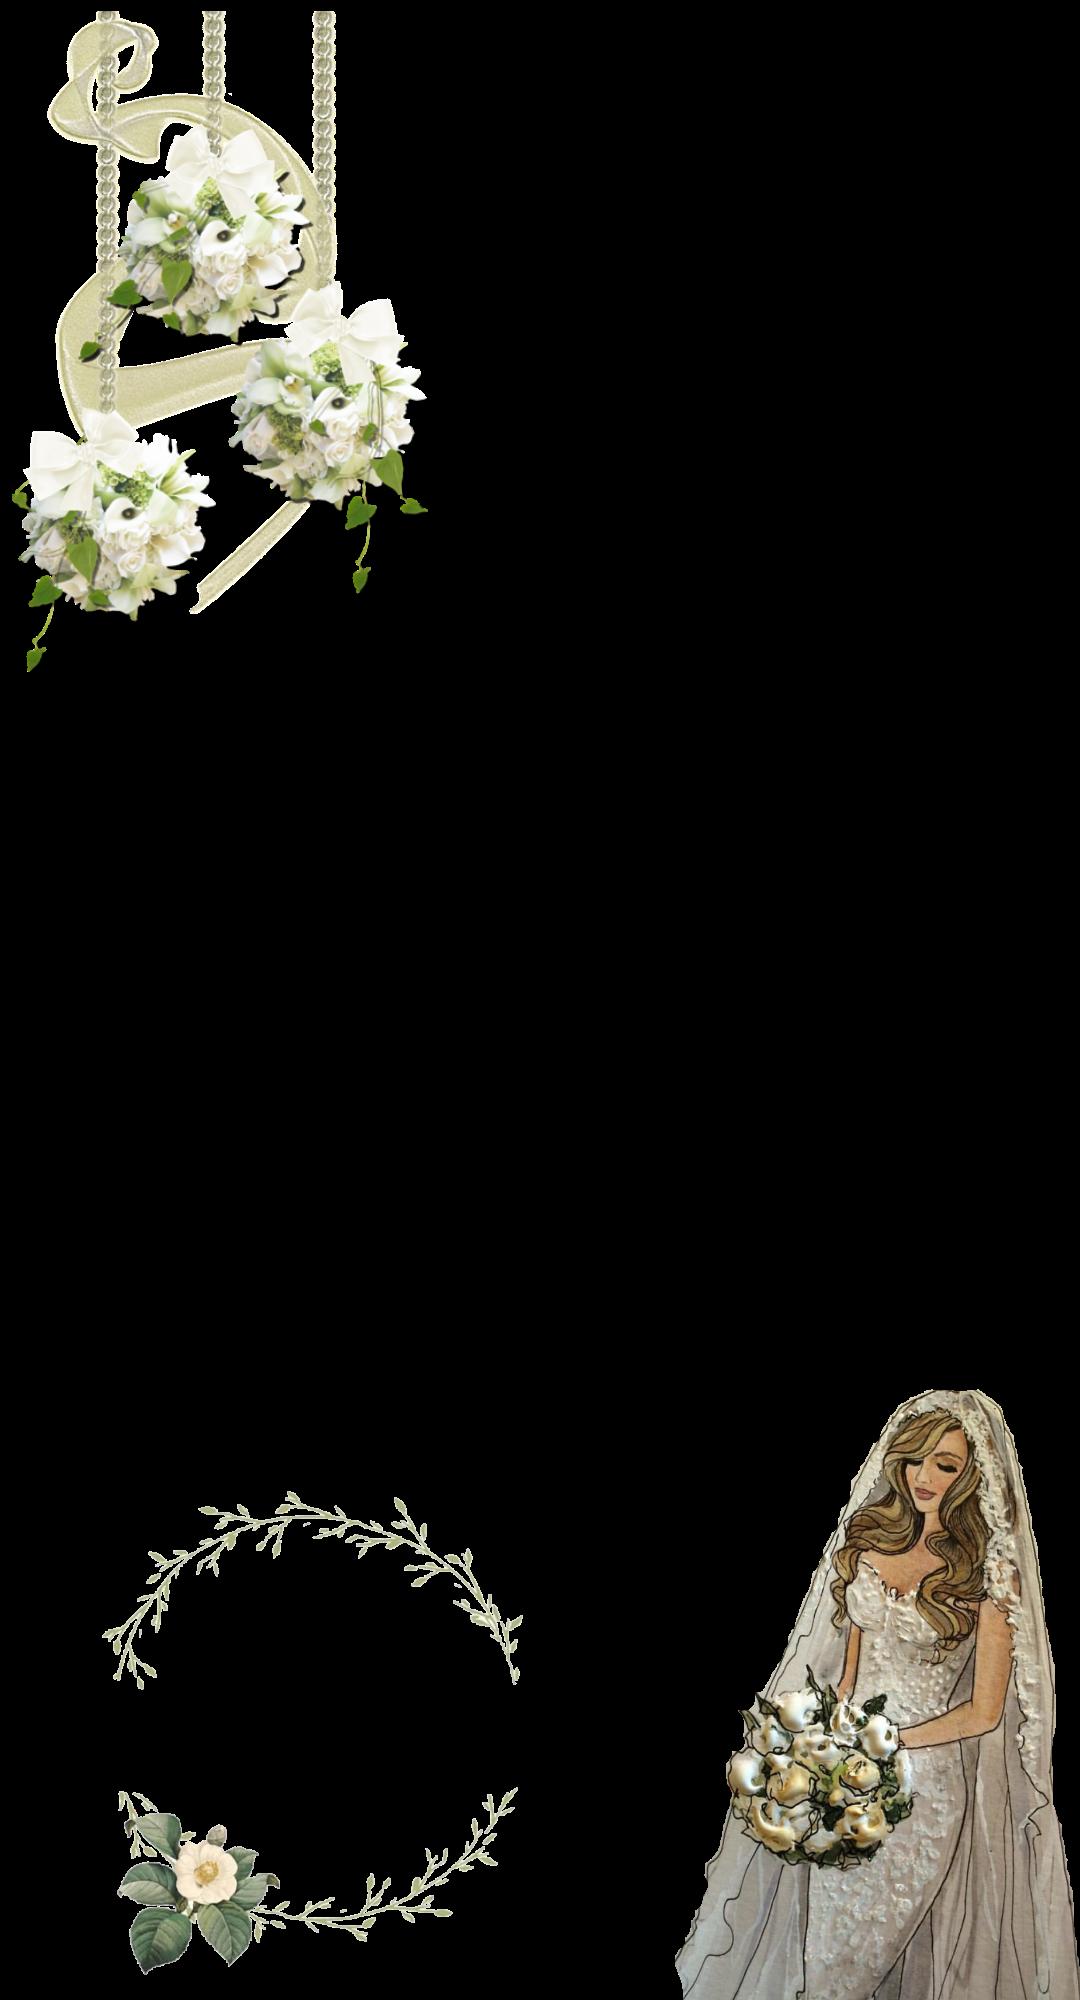 فلترزواج Freetoedit Photo Collage Template Photo Collage Design Flower Background Wallpaper